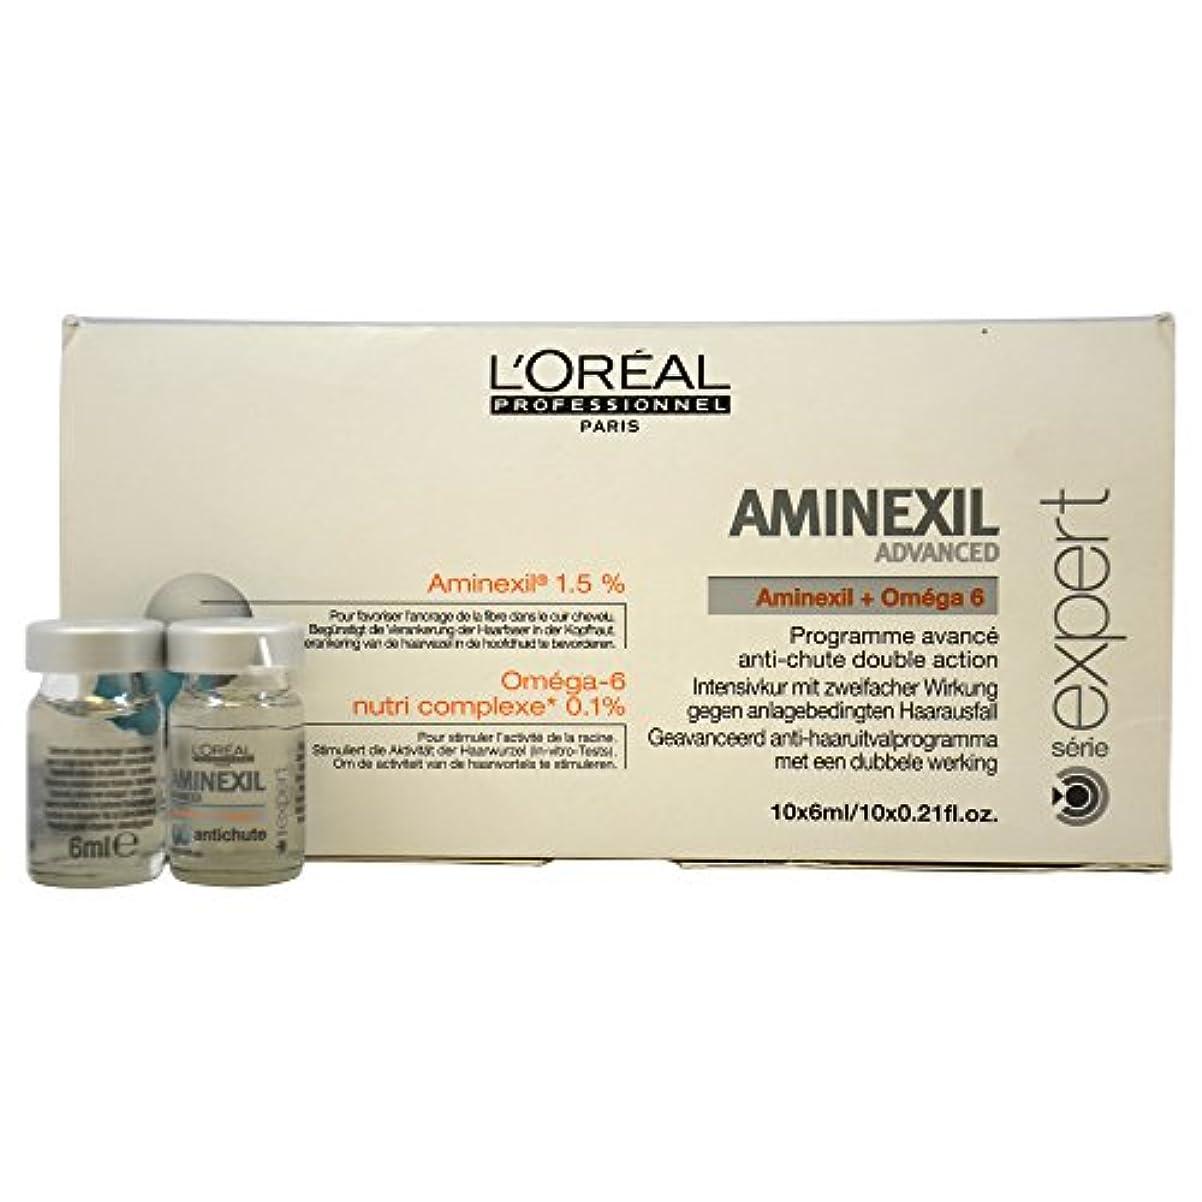 因子会計士近似ロレアル エキスパート ア三ネクシル コントロール 10個 L'Oreal Expert Aminexil Control 10 Units Advanced [並行輸入品]